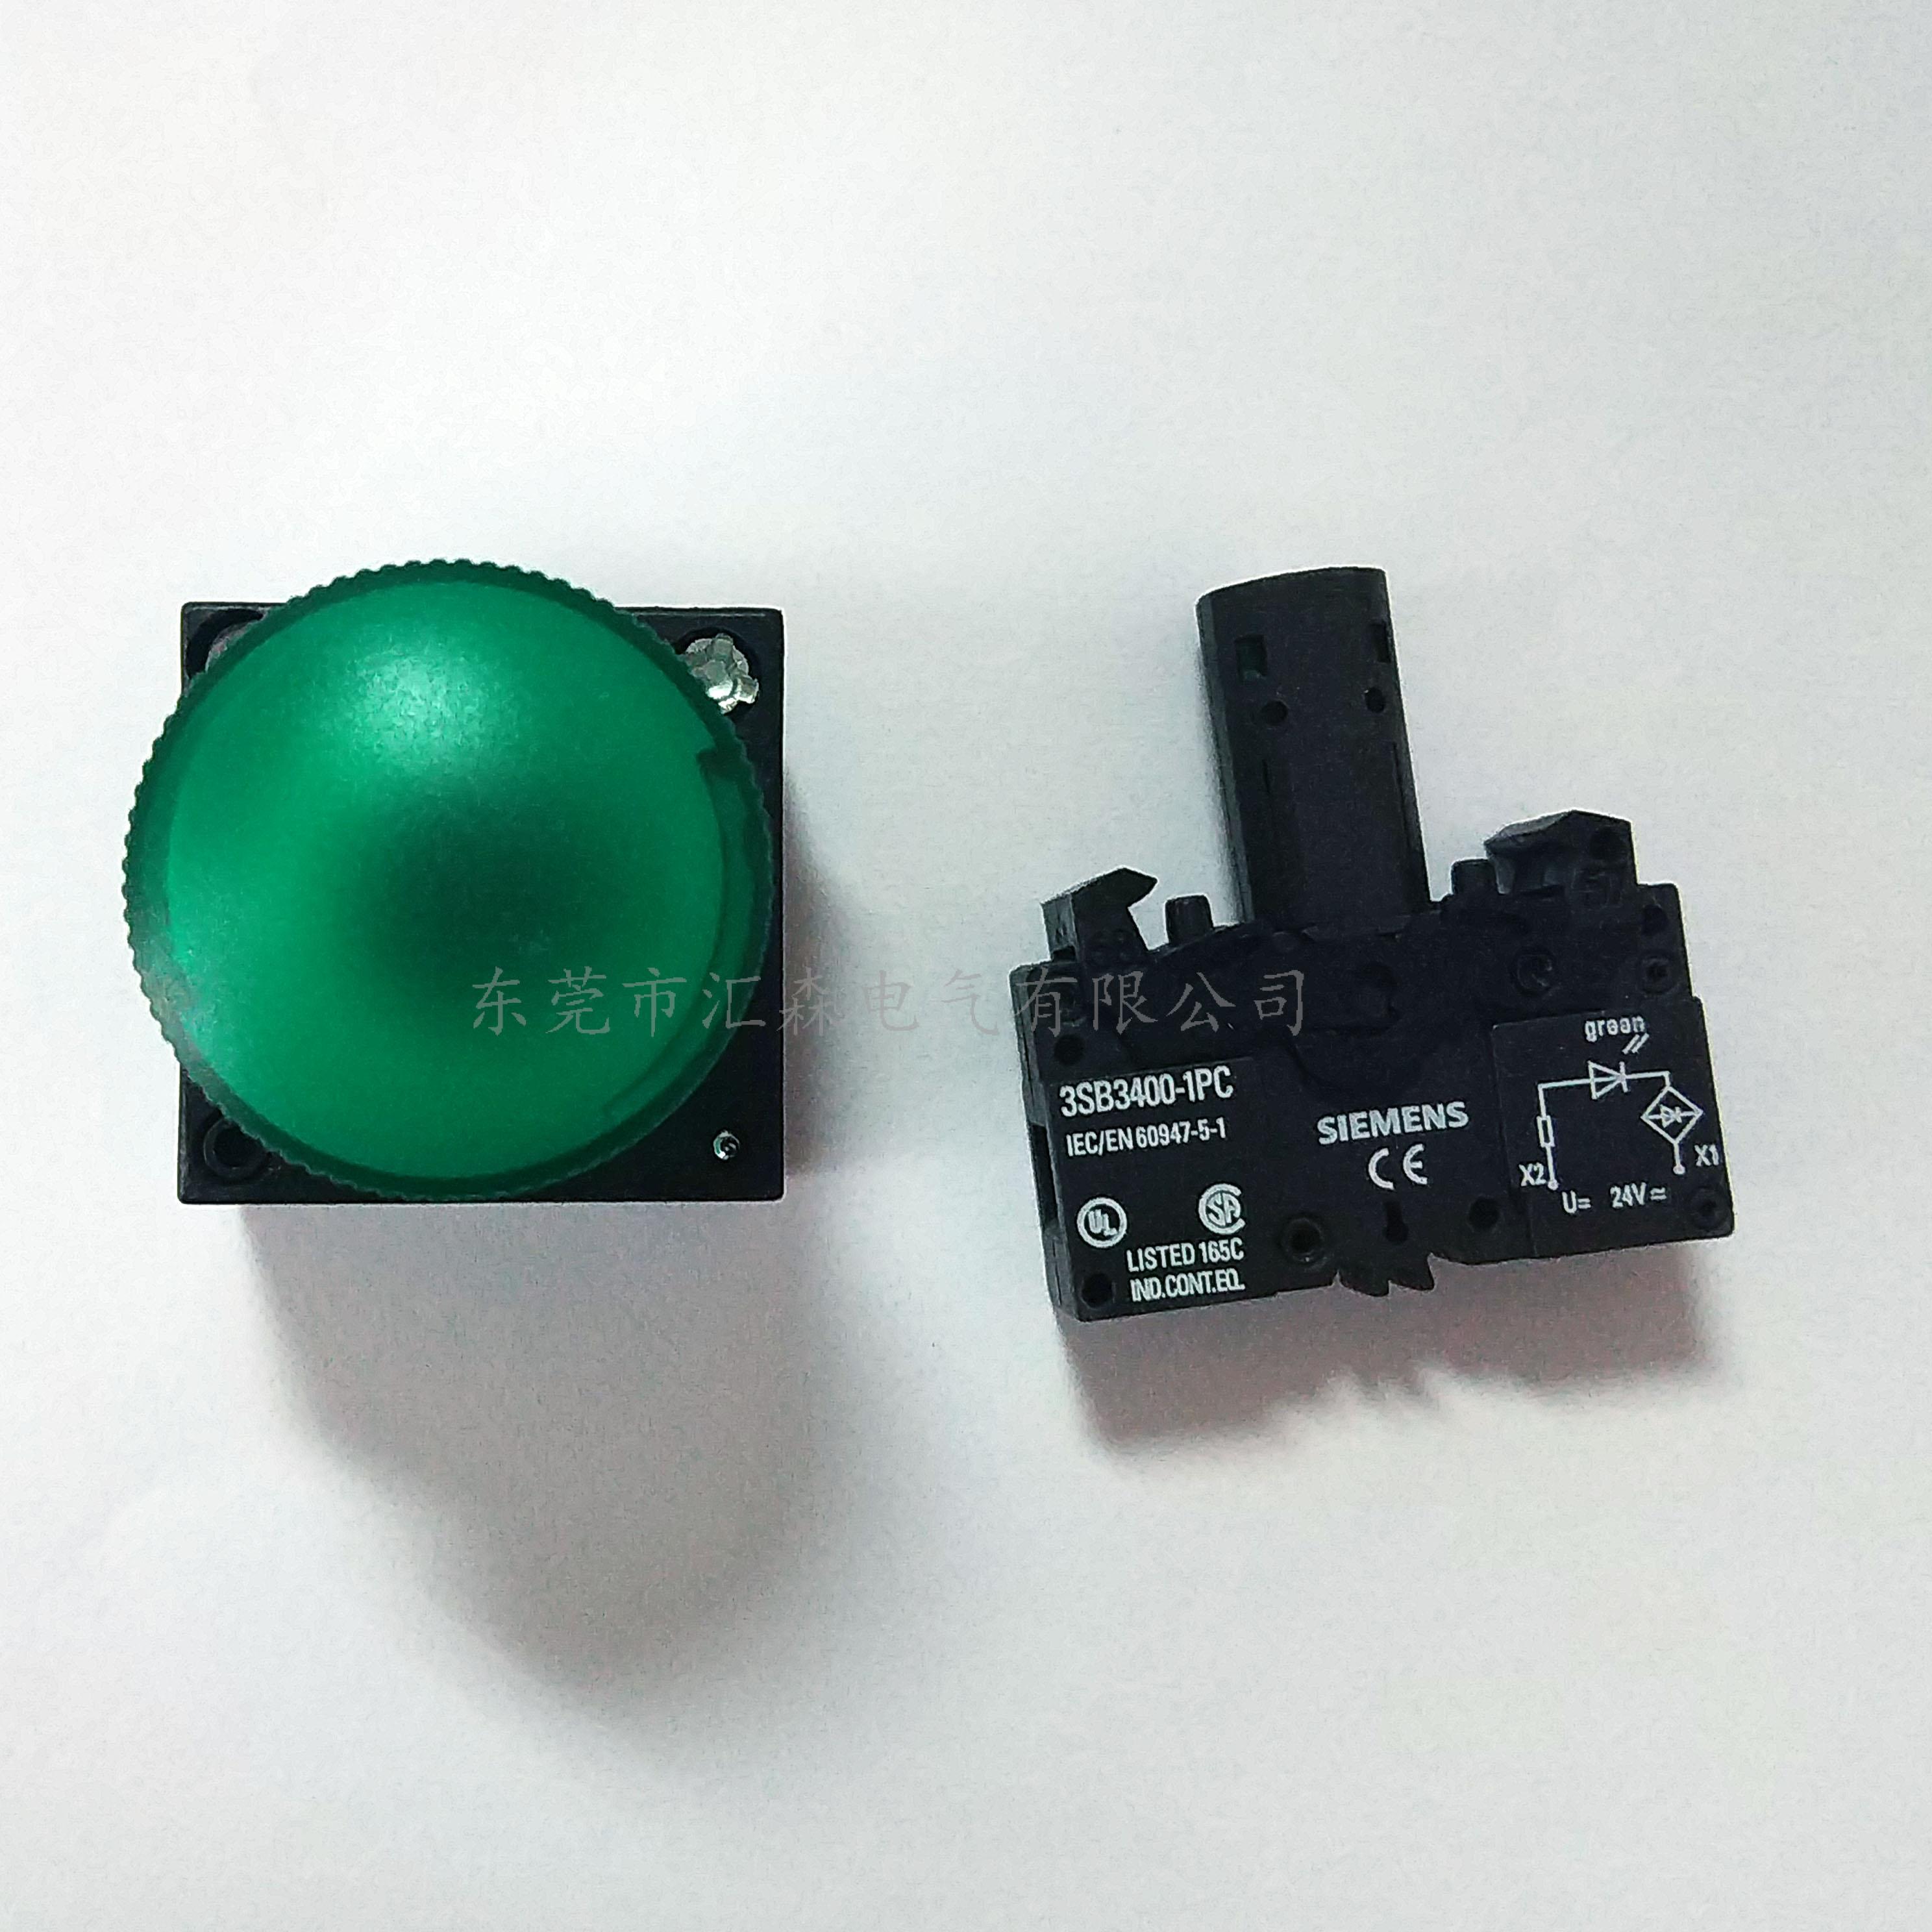 西门子按钮指示灯附件灯座3SB3400-1RB